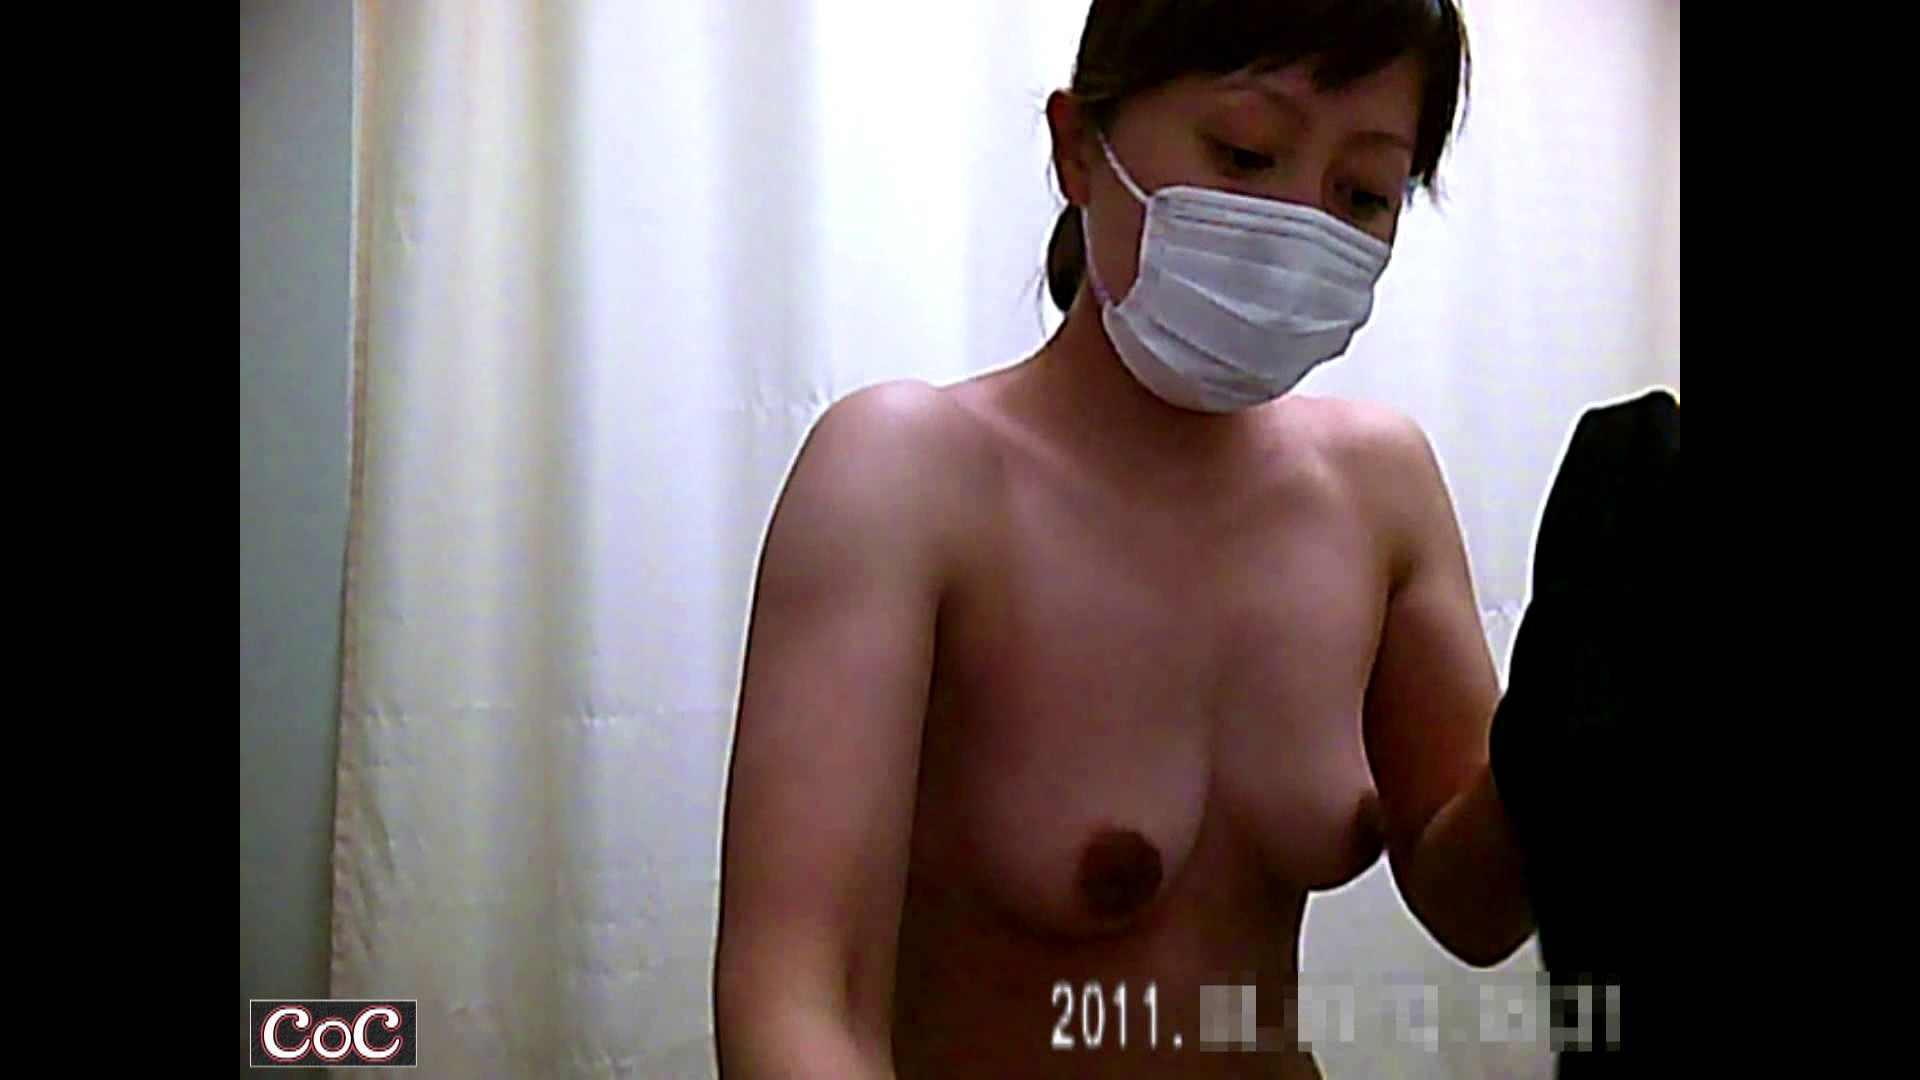 病院おもいっきり着替え! vol.10 乳首 ワレメ無修正動画無料 102PIX 11